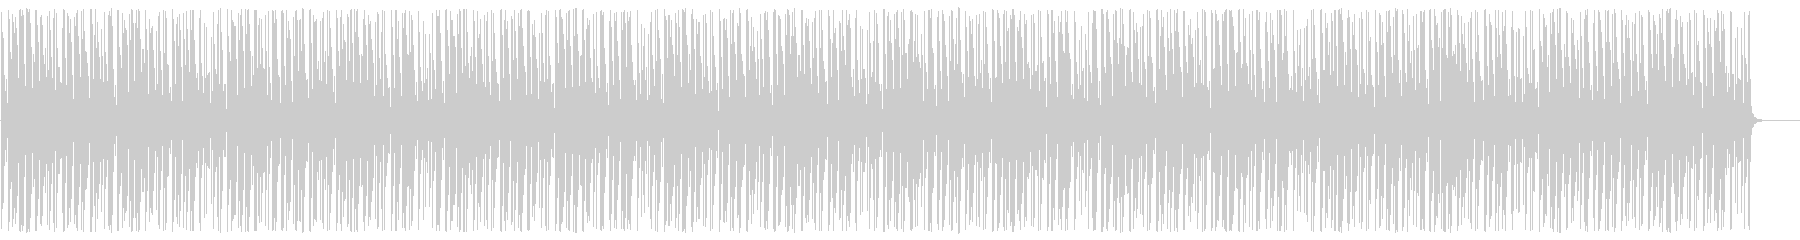 ほのぼのほんわかライブ配信&動画用BGMの未再生の波形